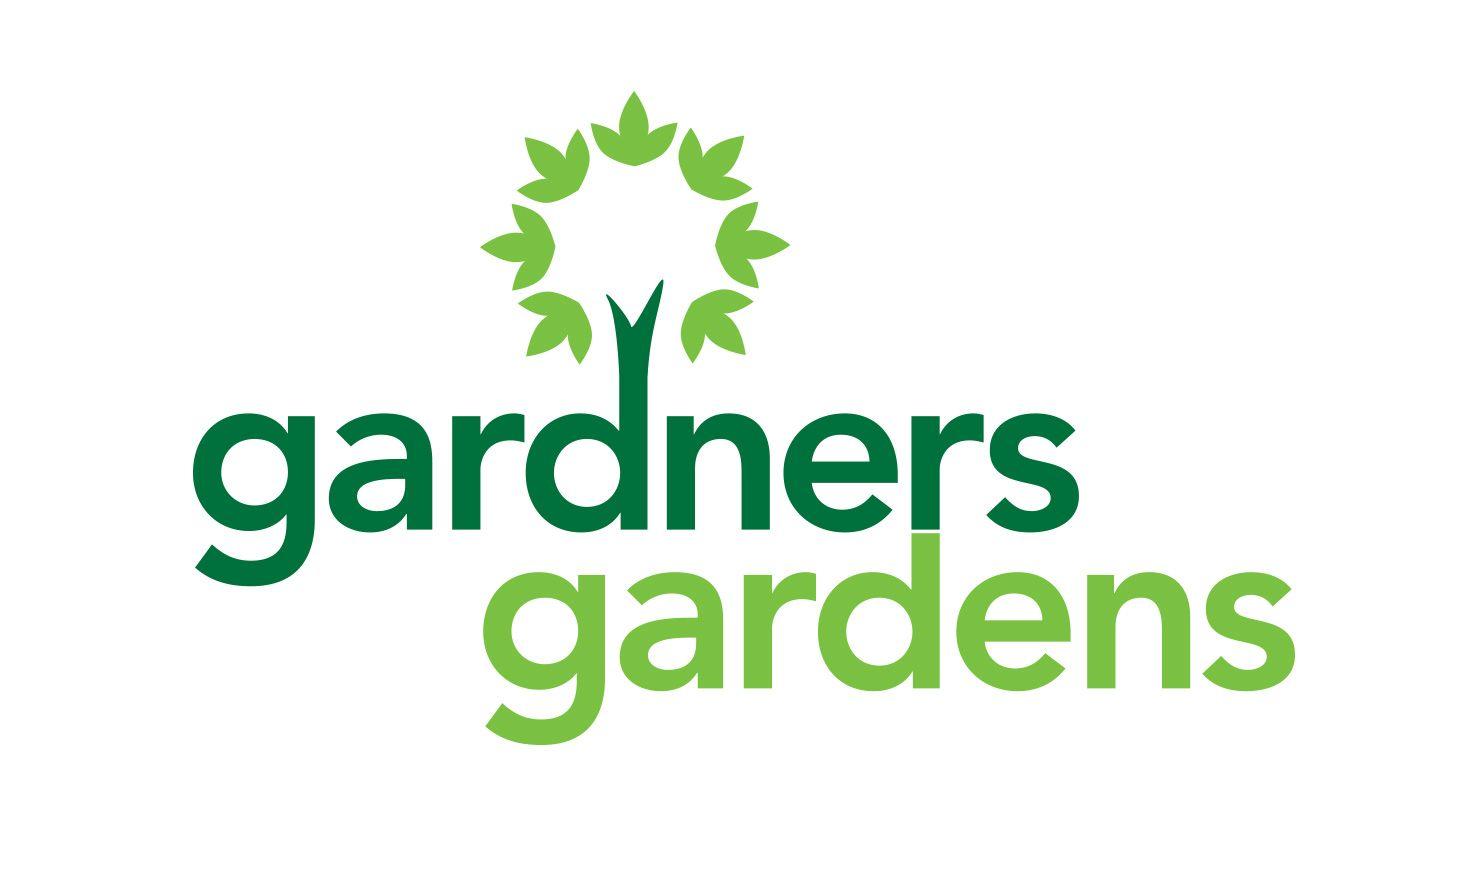 best images about gardening gardens garden 17 best images about gardening gardens garden supplies and logo design